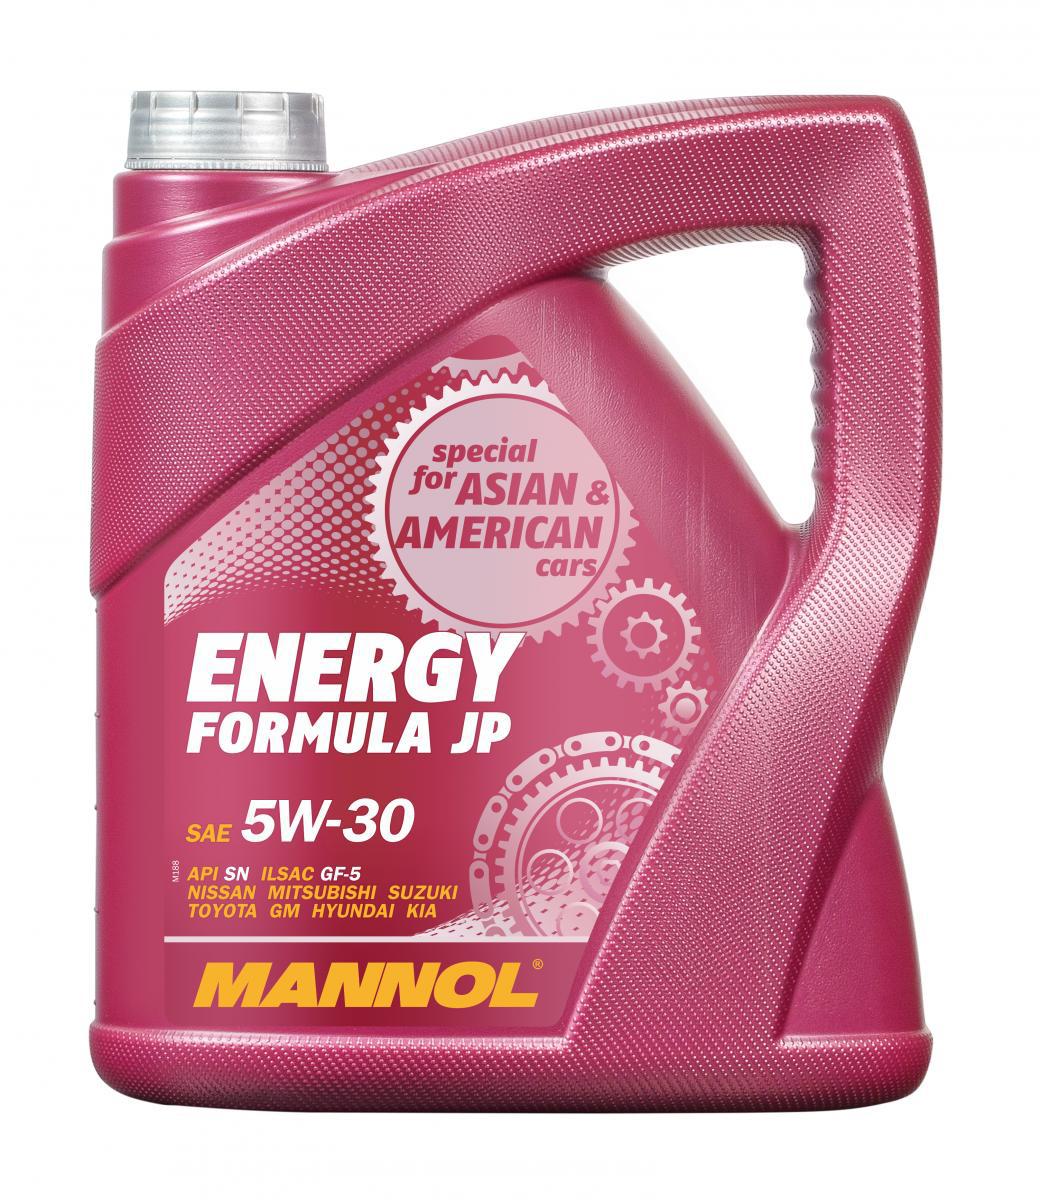 Energy Formula JP 5W-30